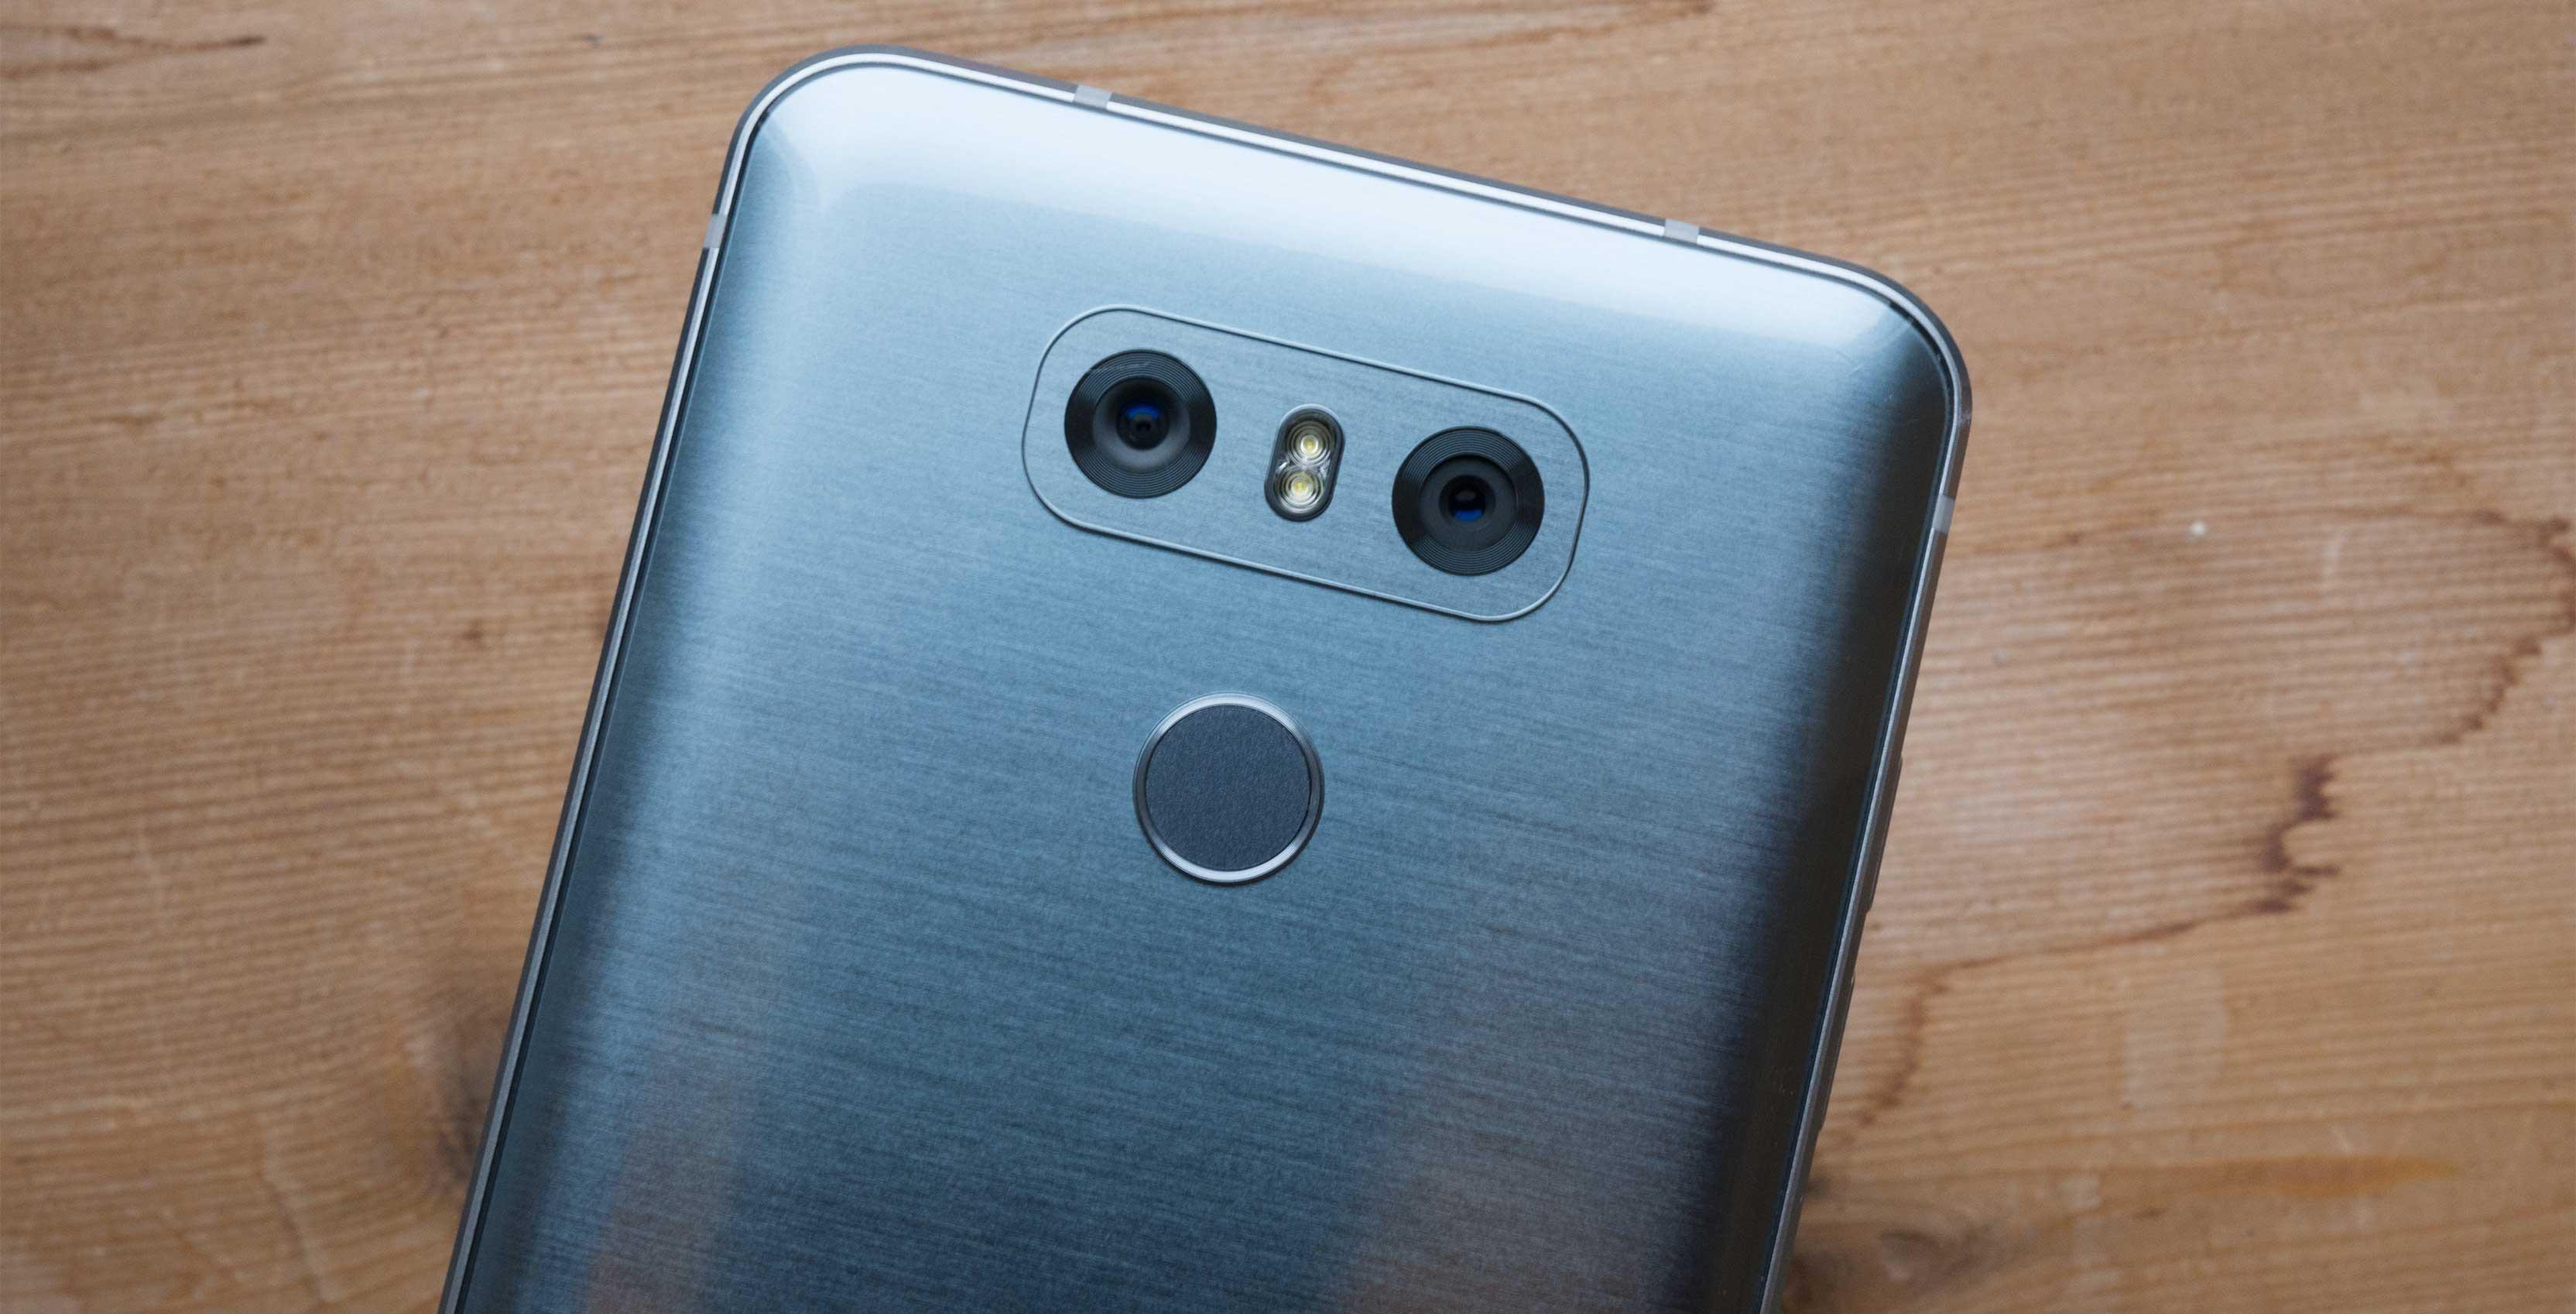 LG G6 rear facing cameras